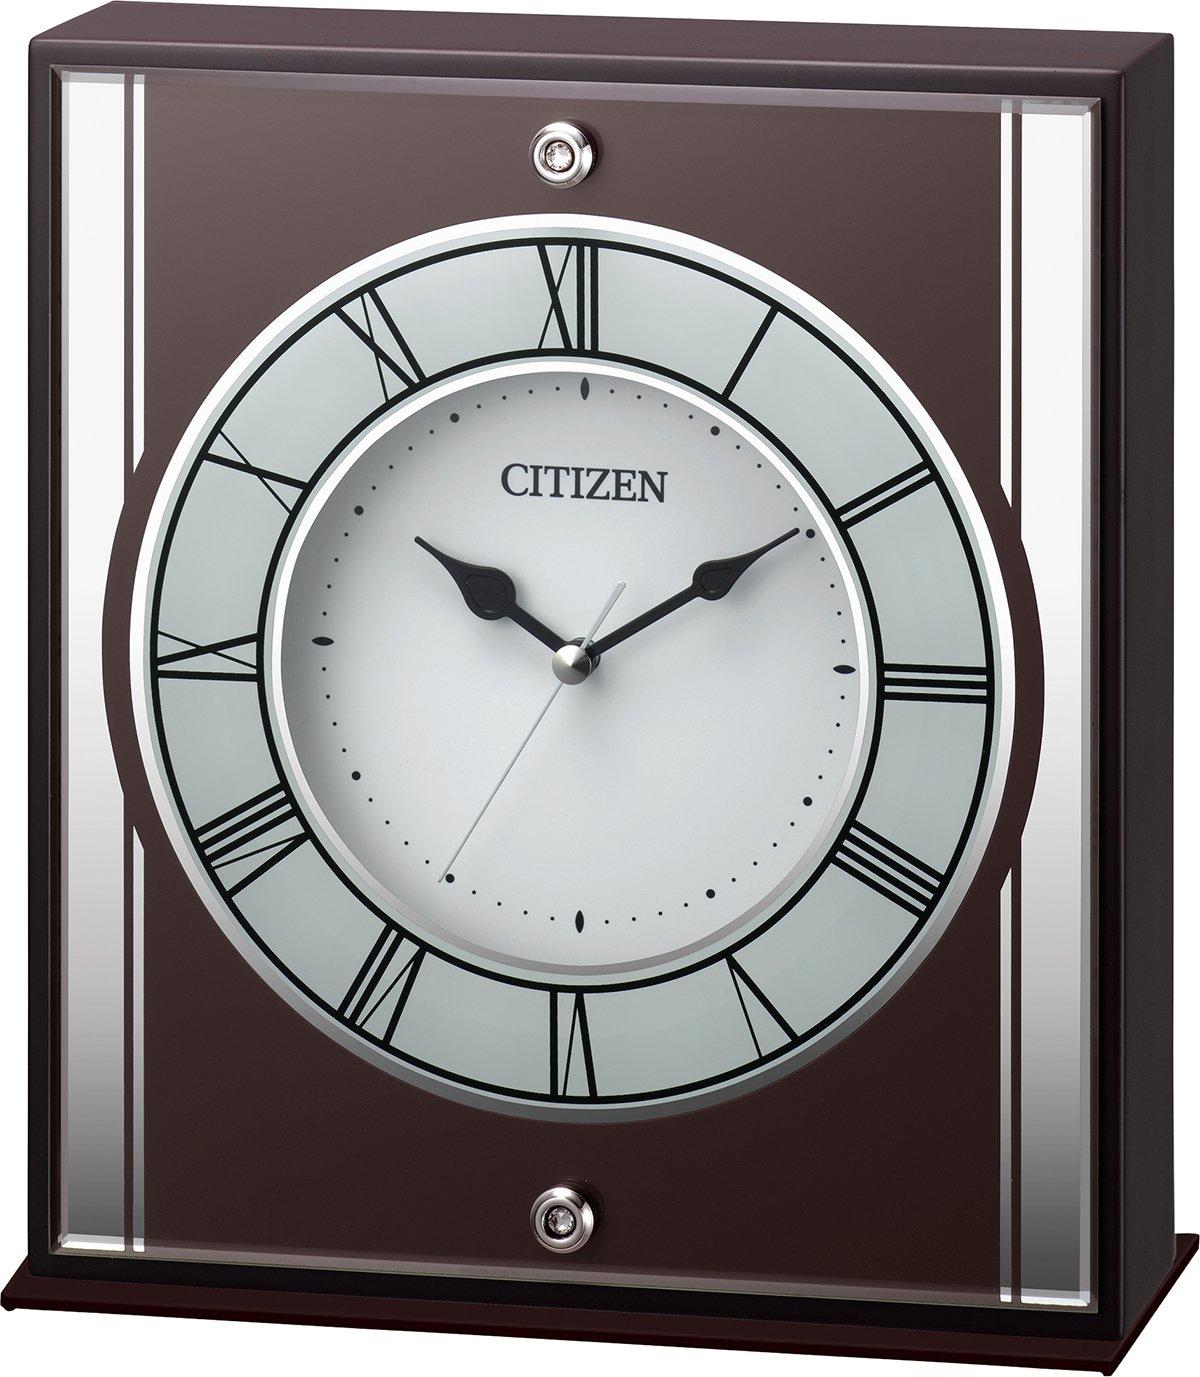 シチズン 置き時計 アナログ 連続秒針 木 茶 CITIZEN 8RG622-006 B01ID21HBC